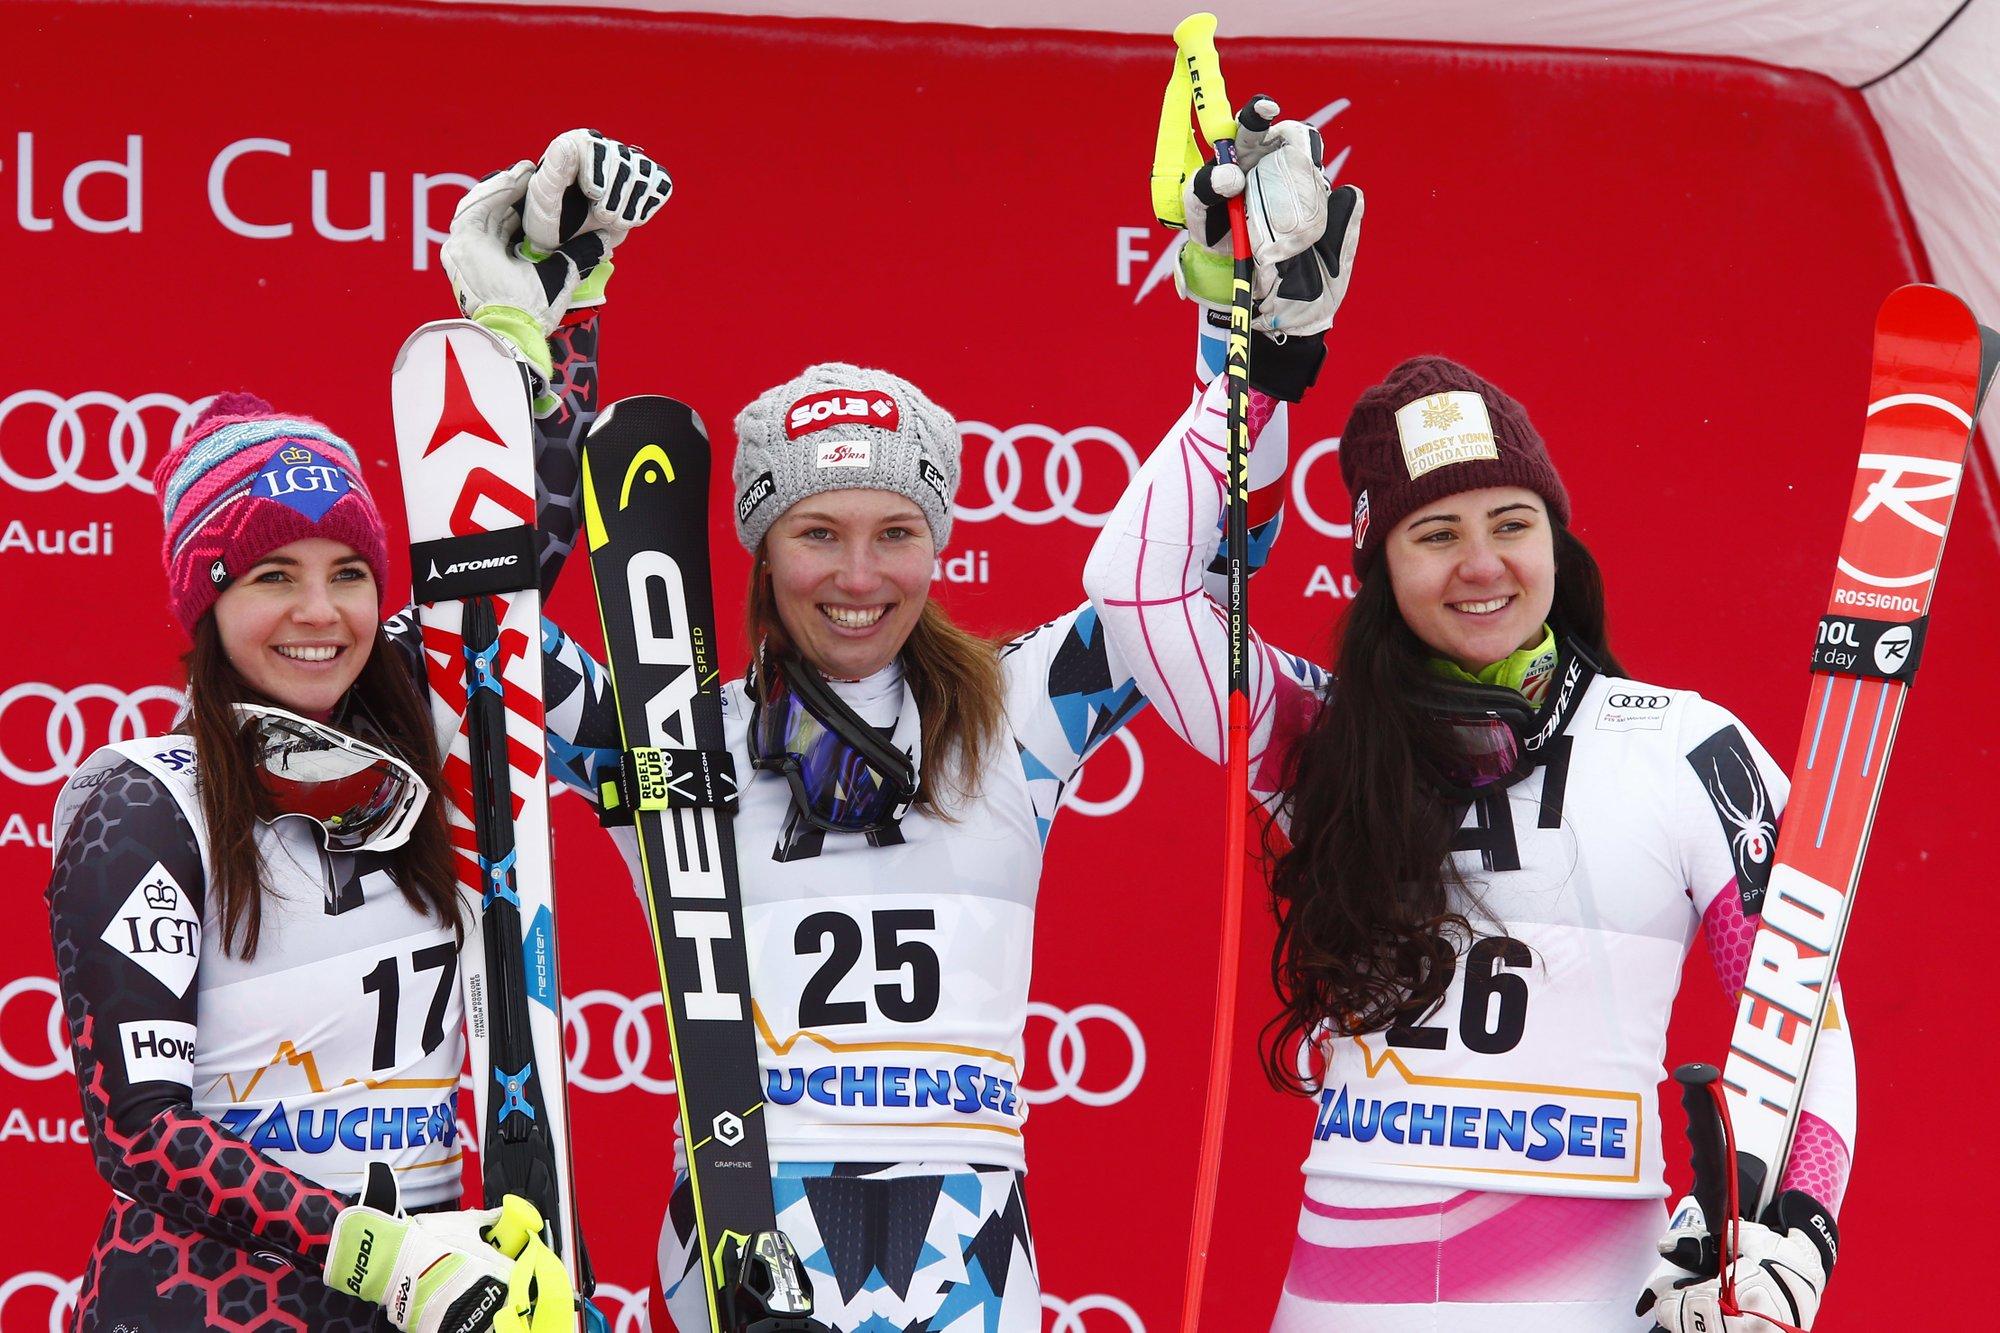 Austrian skier Scheyer wins downhill; Vonn 13th on return